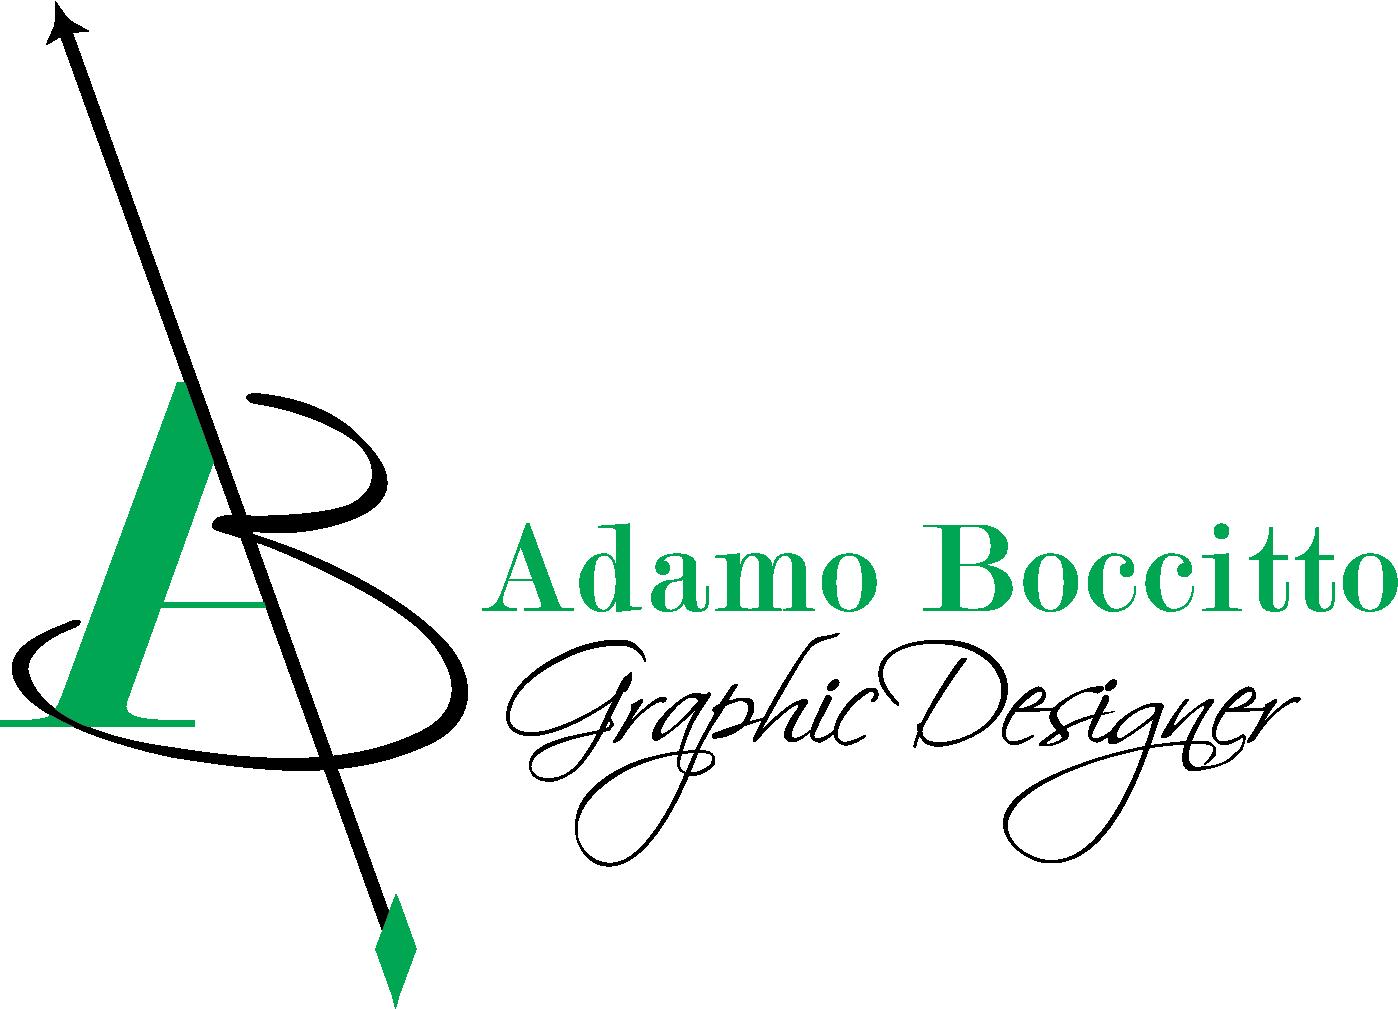 Adam Boccitto